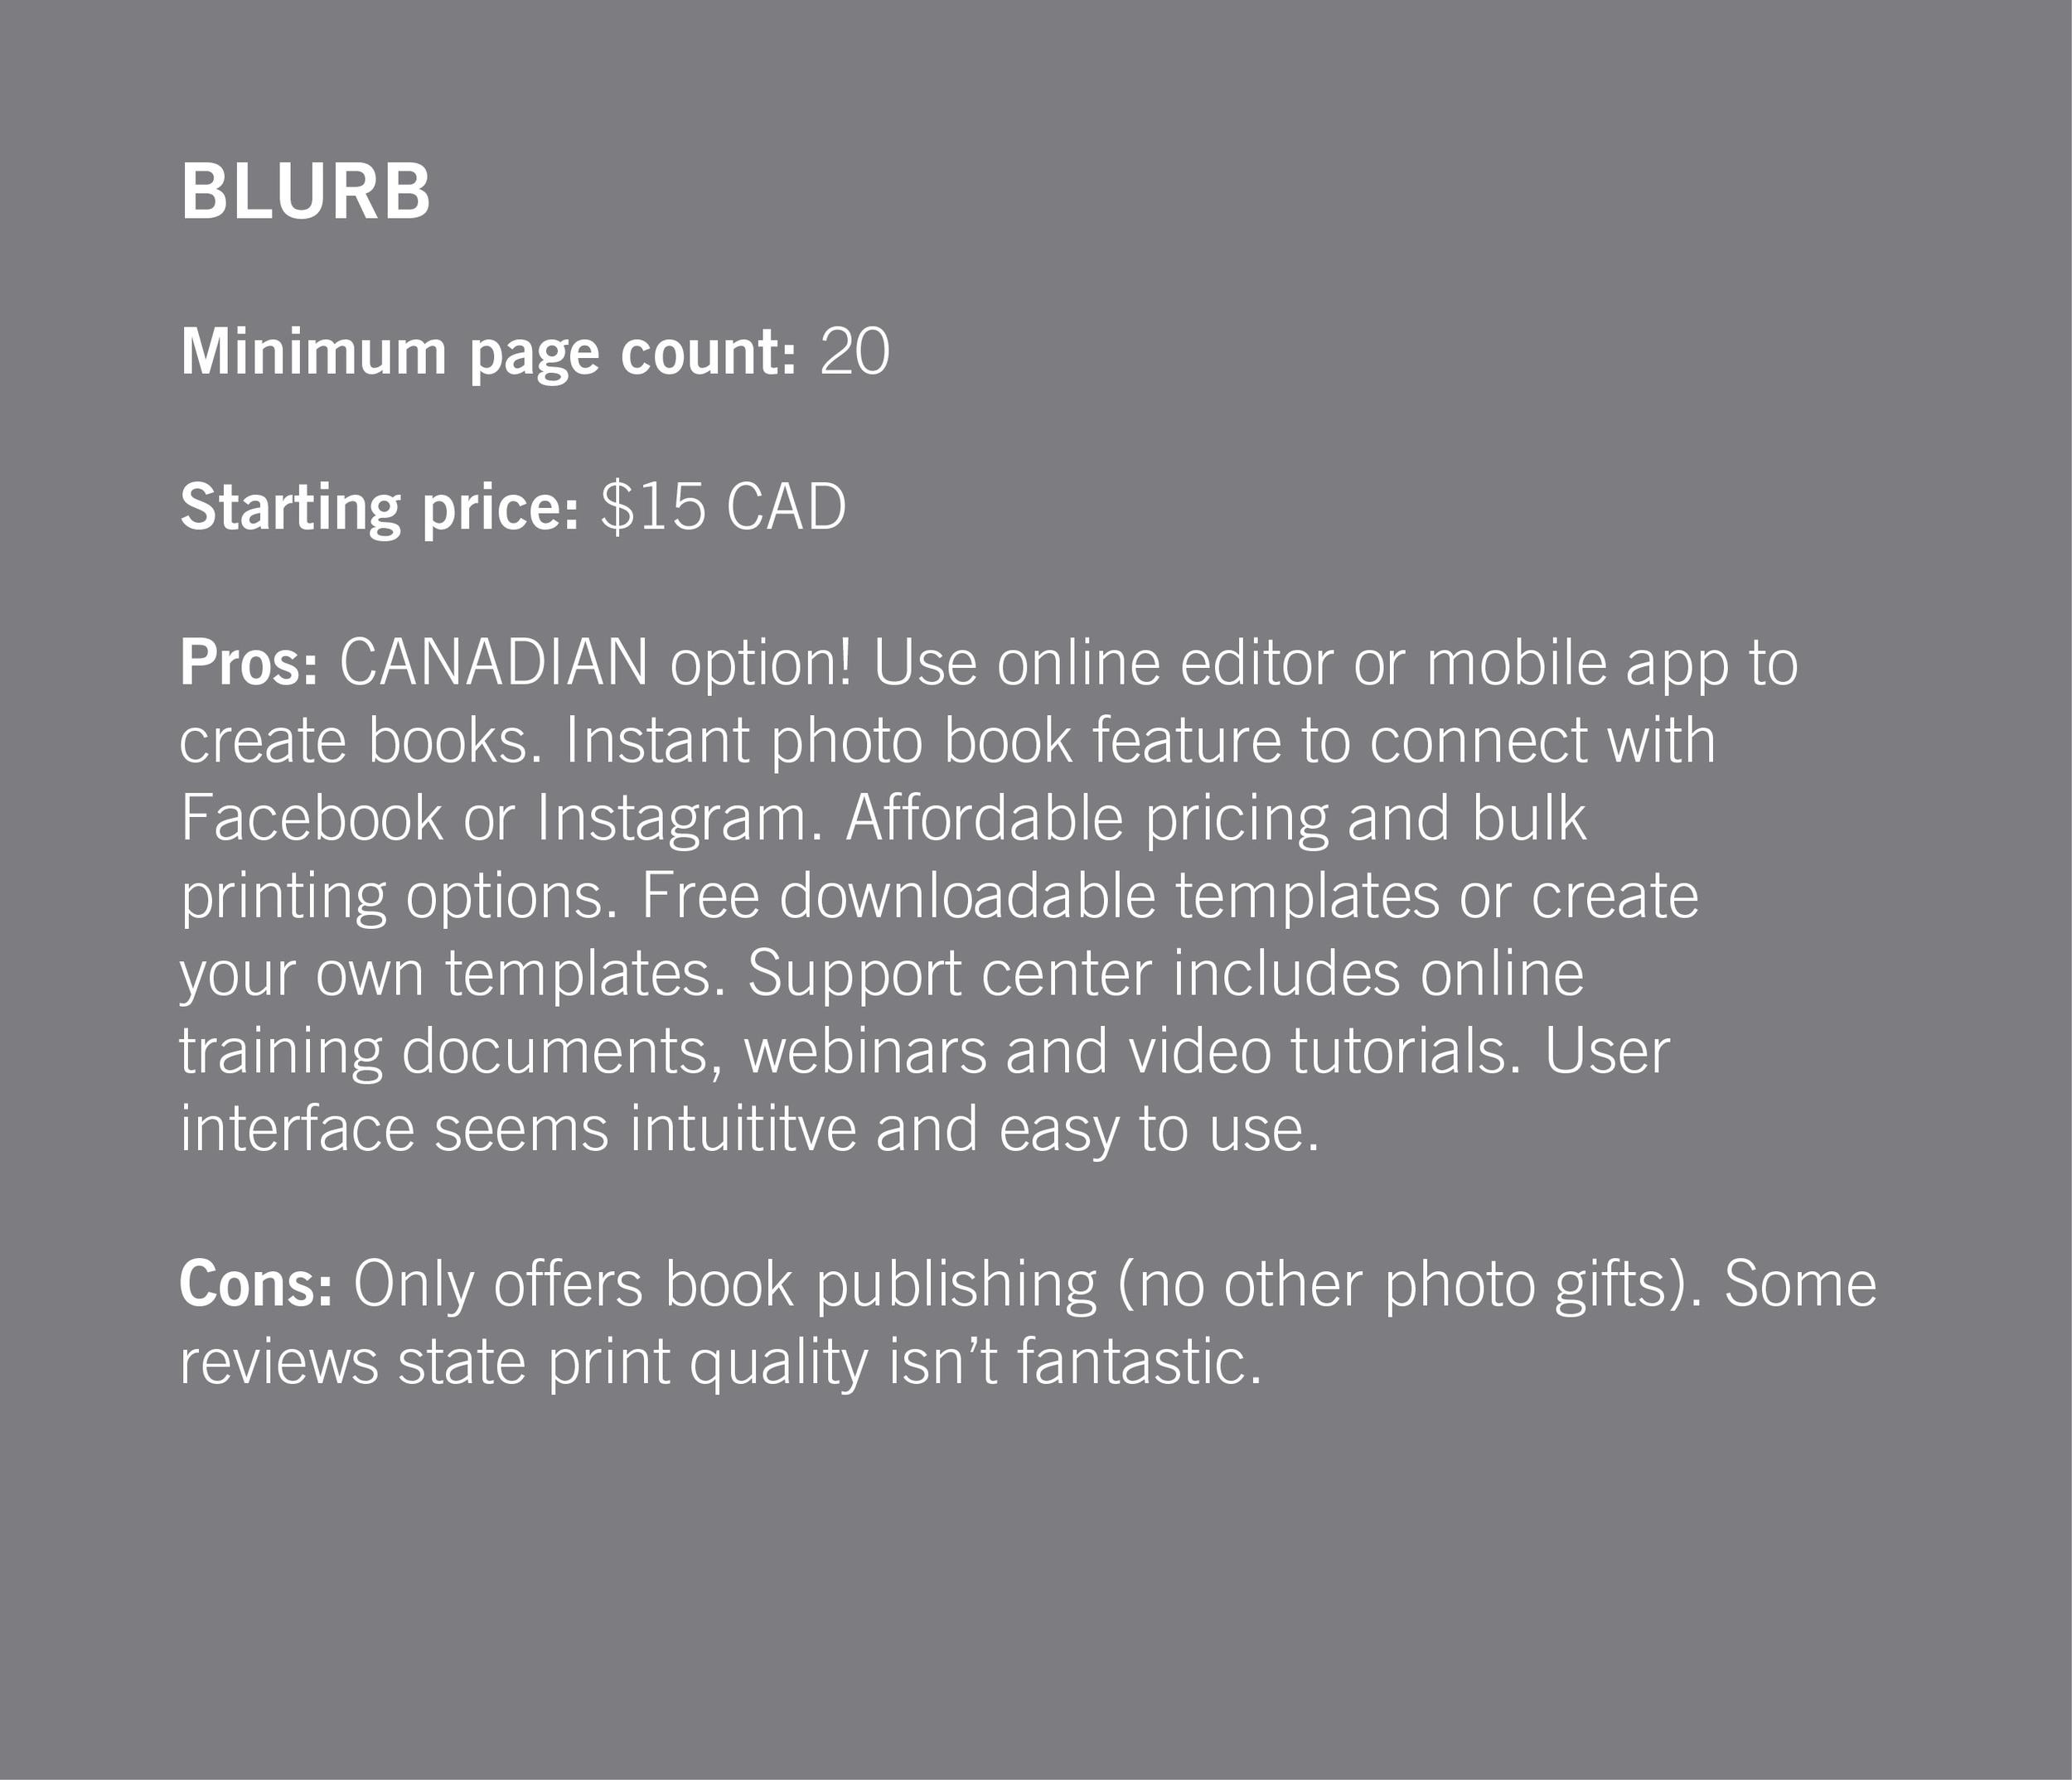 blurb.ca